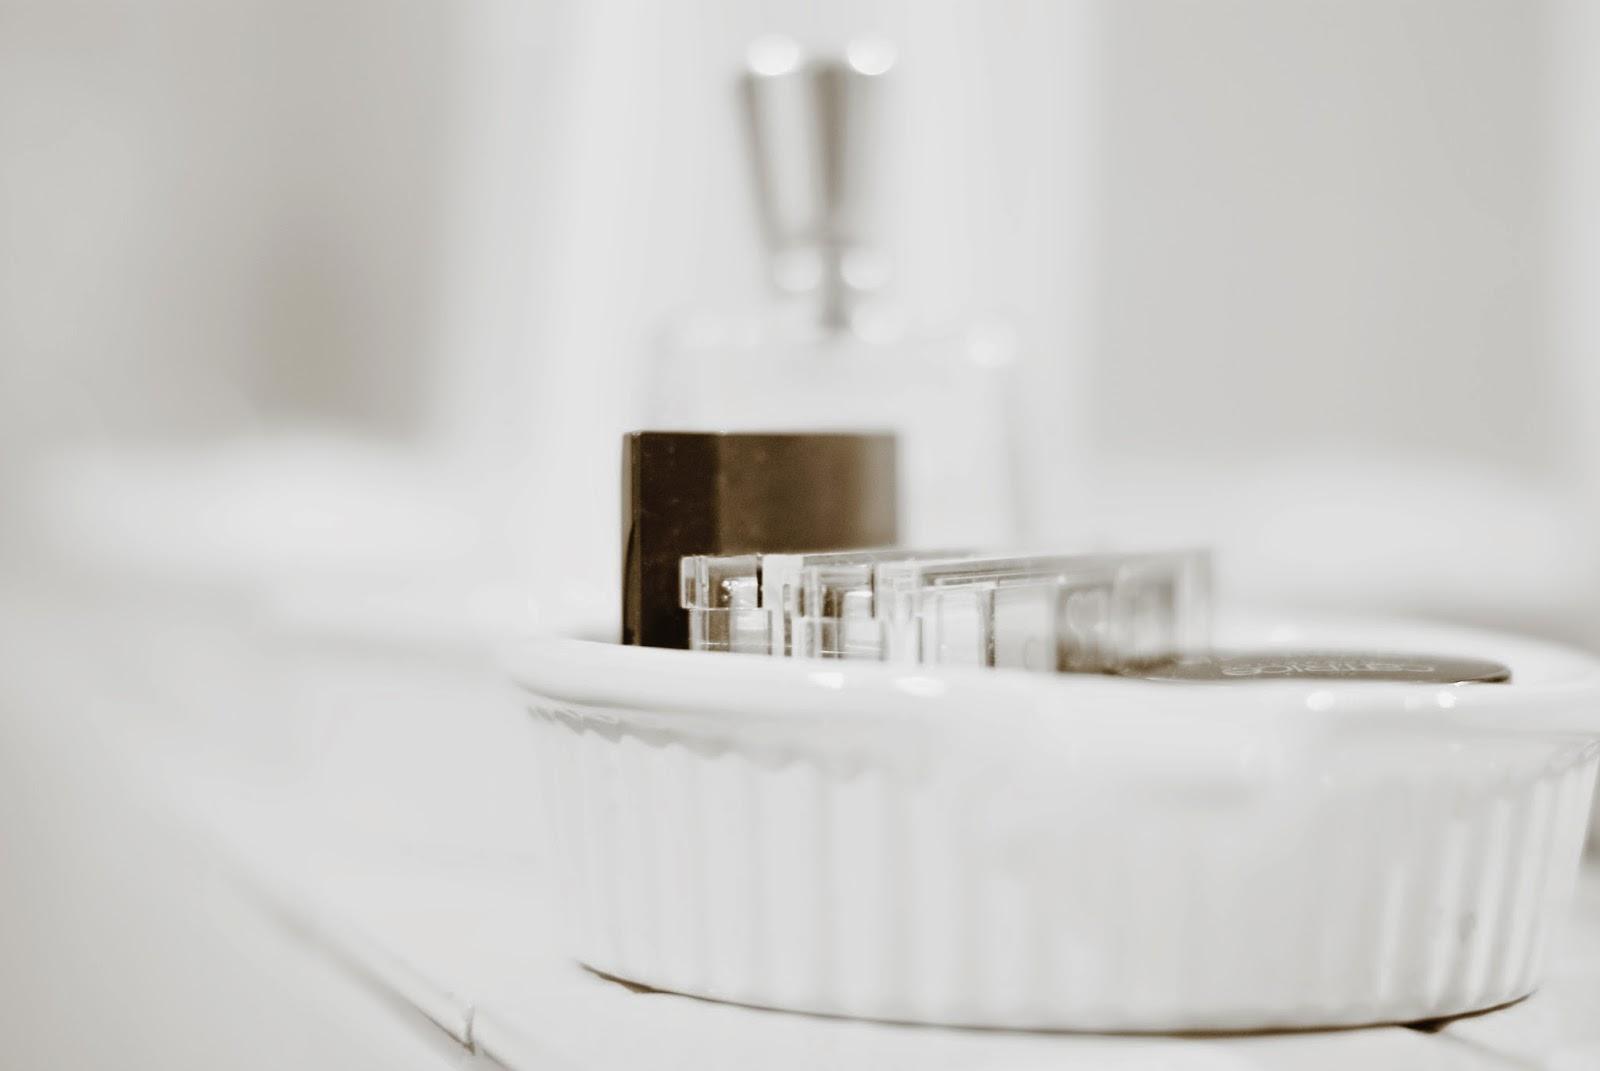 aufbewahrung im bad gruppieren mit auflaufformen iby. Black Bedroom Furniture Sets. Home Design Ideas